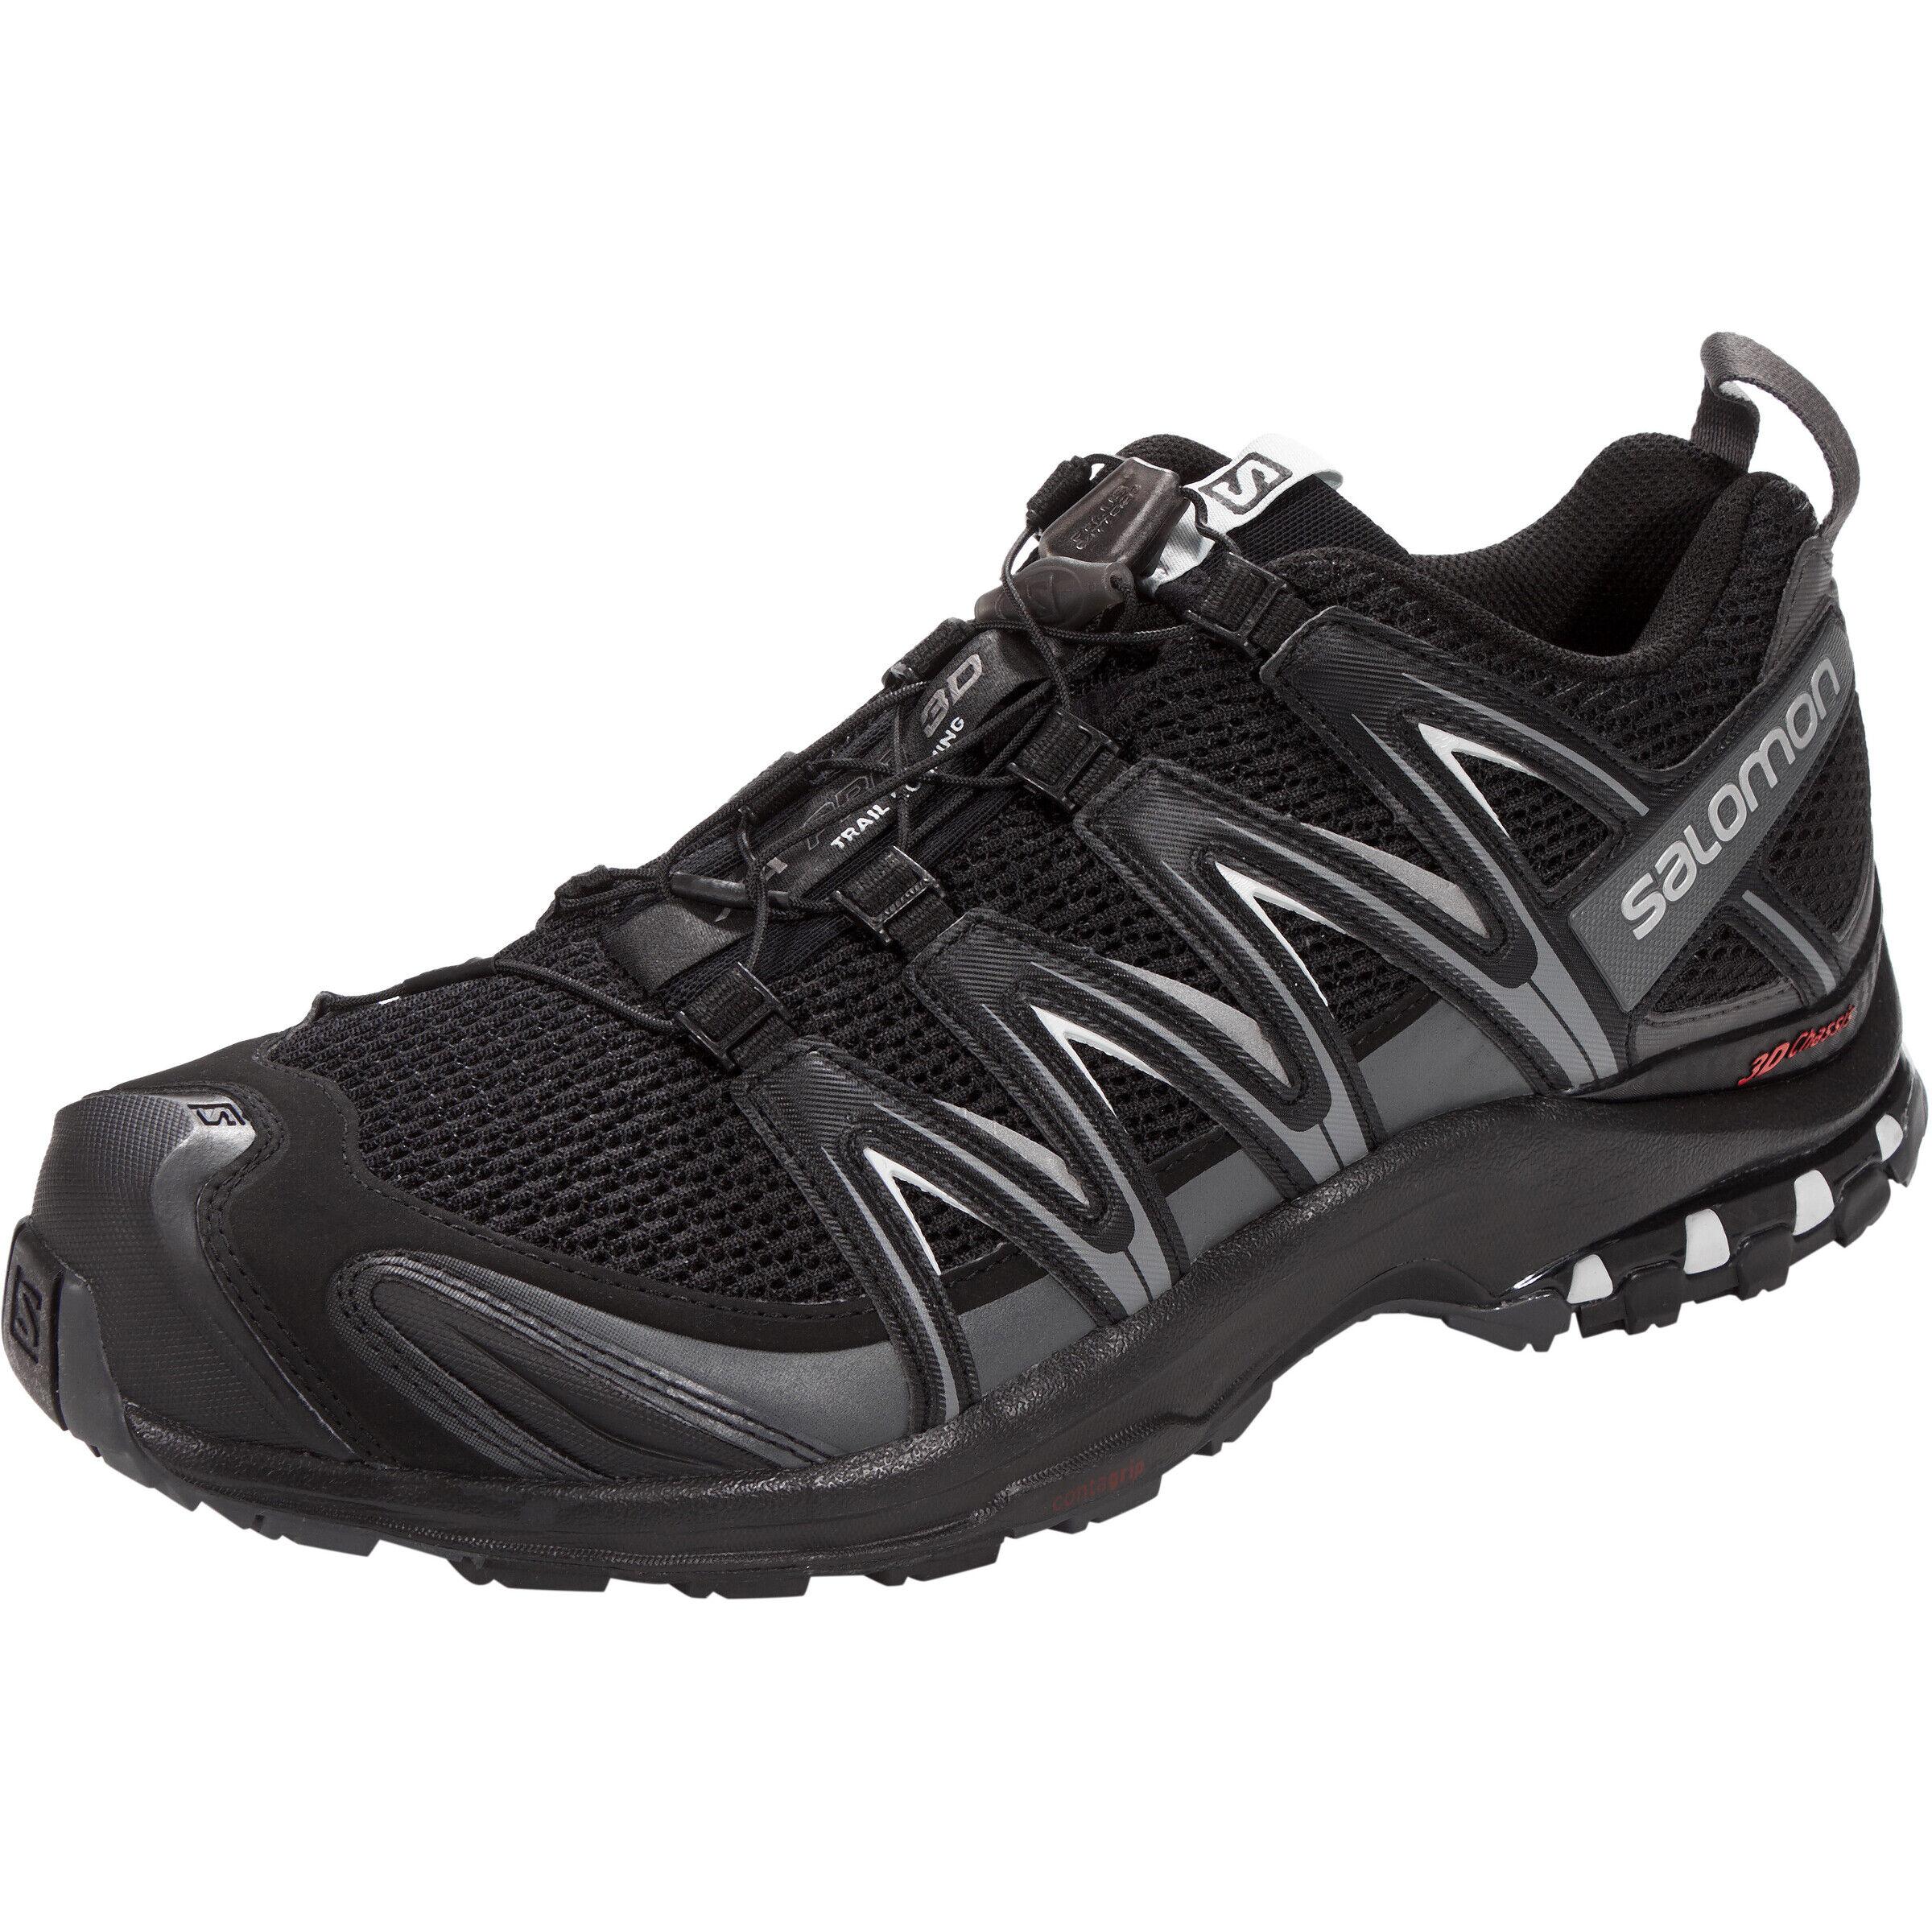 Salomon XA Pro 3D Schuhe Herren blackmagnetquiet shade